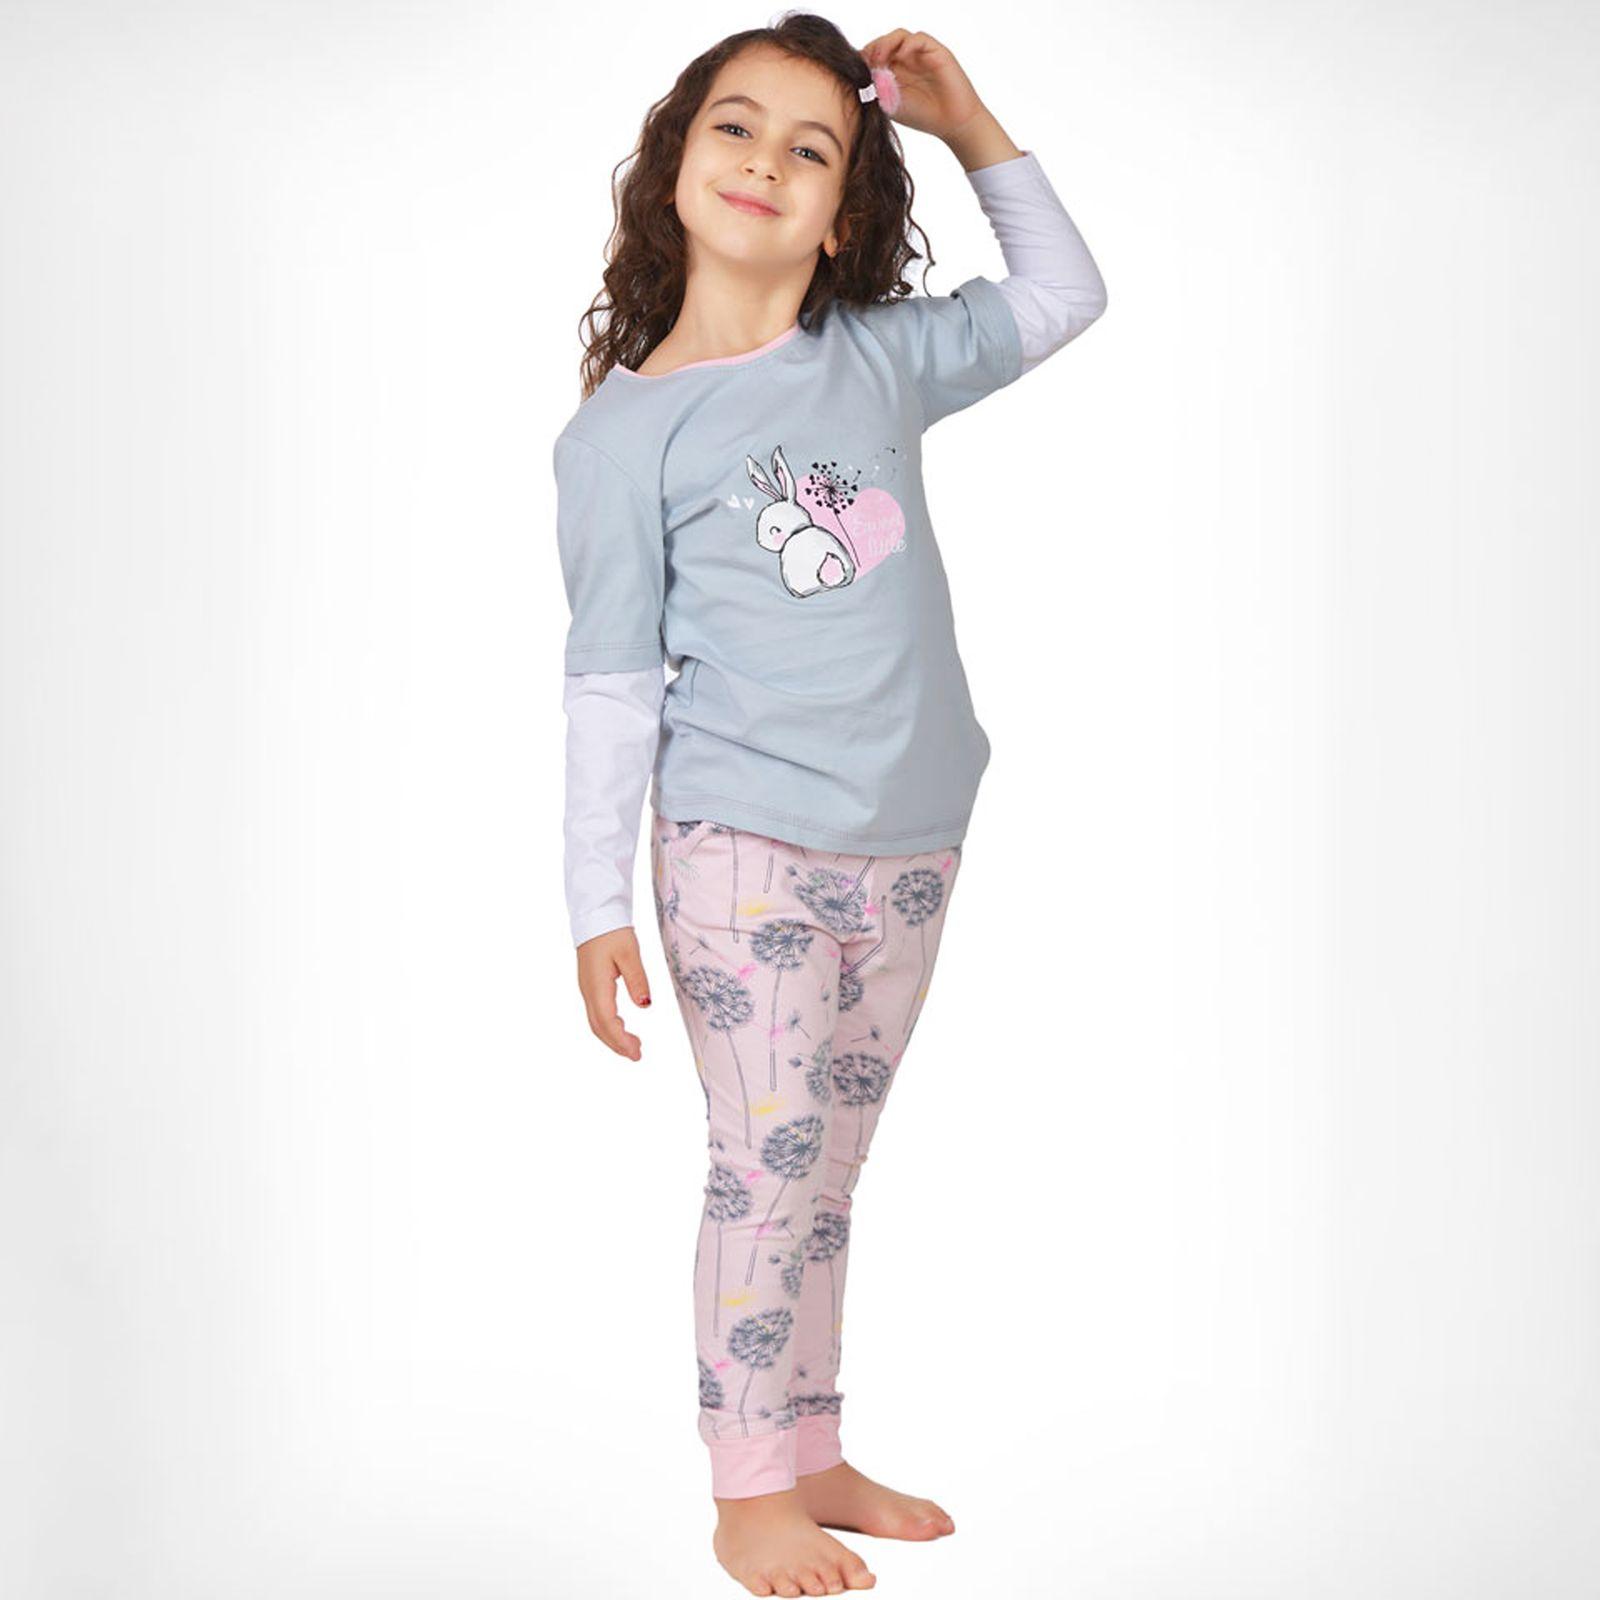 ست تی شرت و شلوار دخترانه ناربن مدل 1521328-93 -  - 2